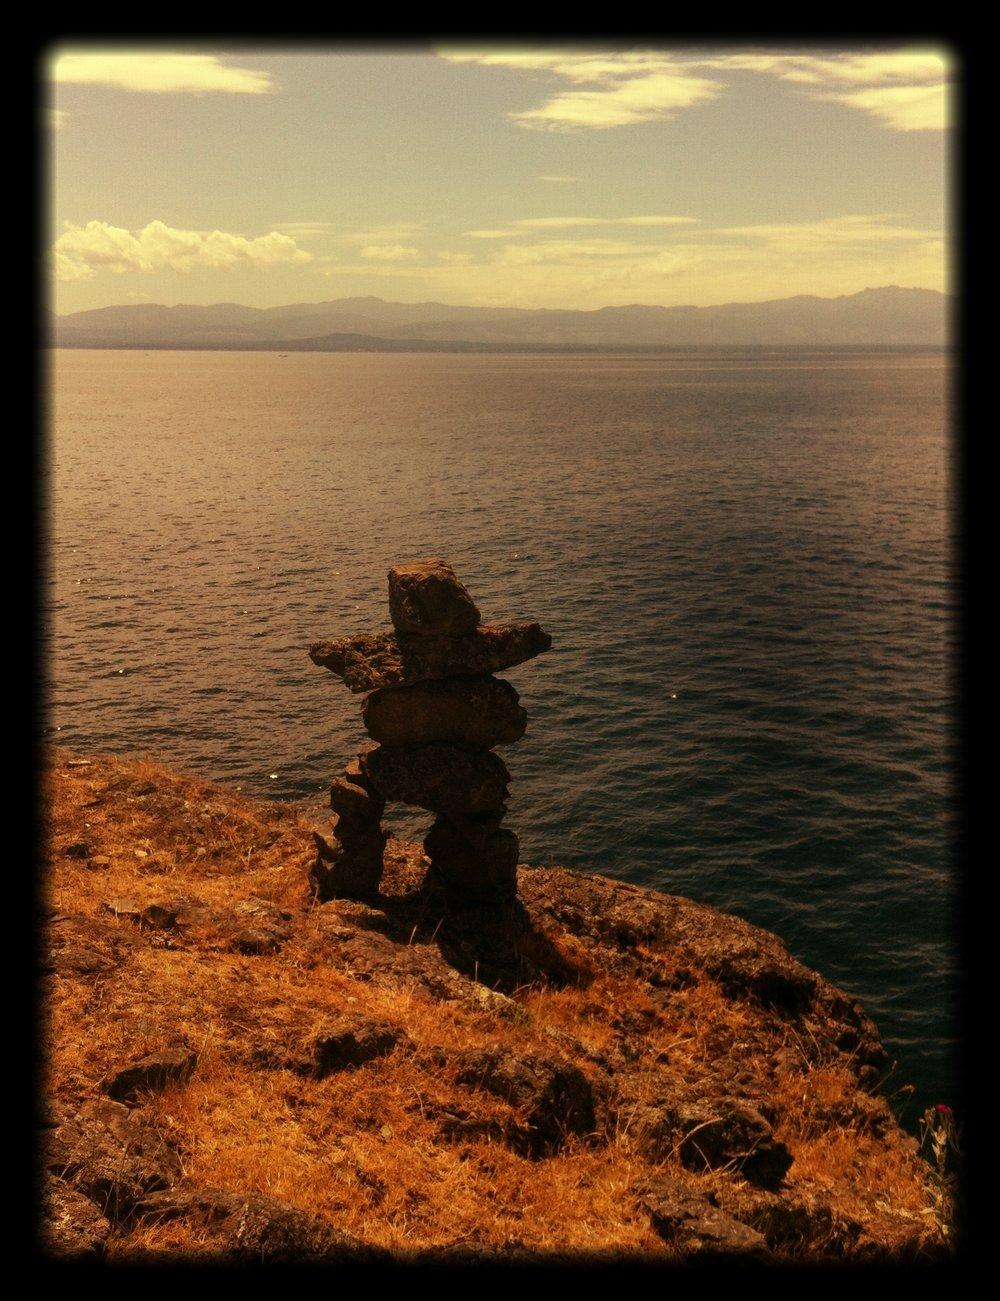 An_Inukshuk_over_looking_a_vast_ocean